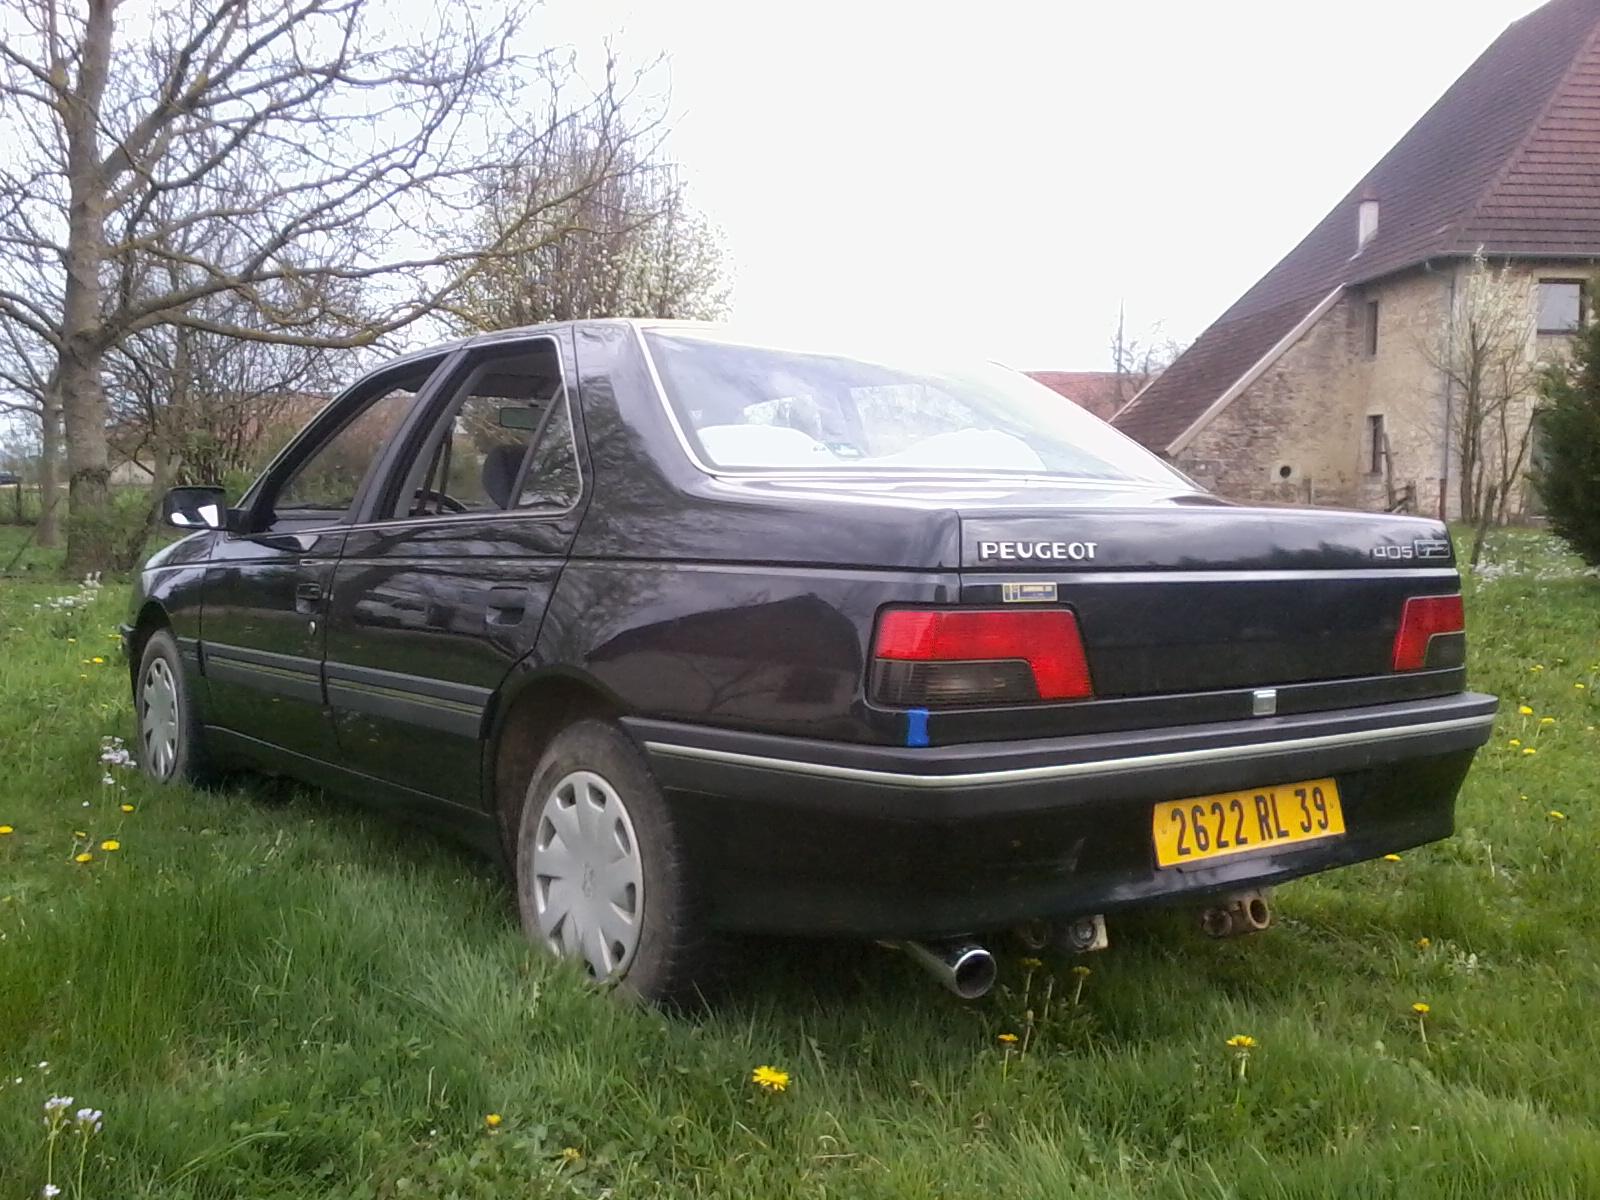 Présentation de ma nouvelle voiture, une Peugeot 405 Signature. 815877Photo0677